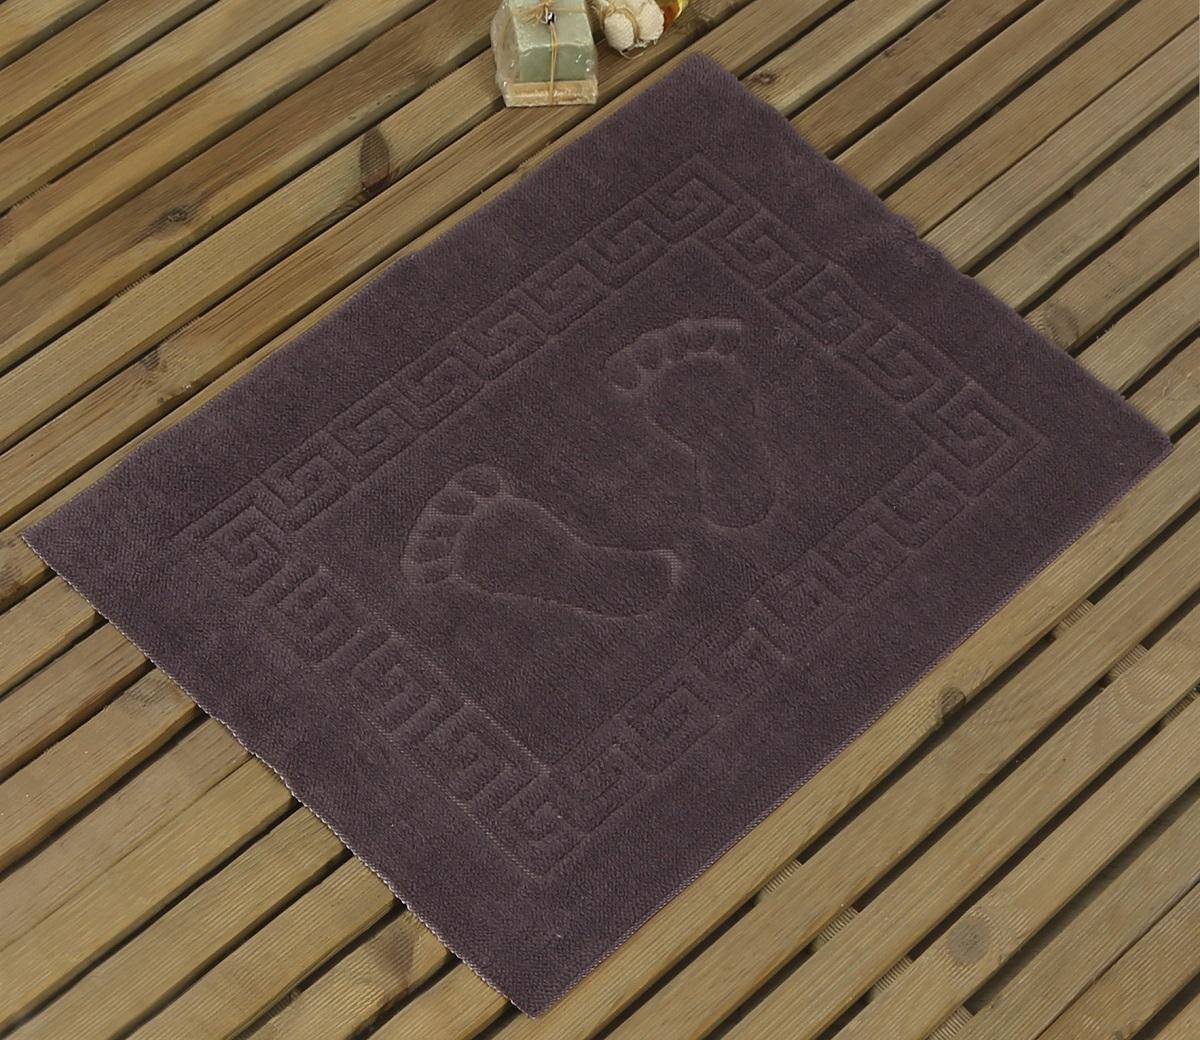 Коврик для ванной Karna Likya , цвет: светло-лаванда, 50 х 70 см631/CHAR021Коврик Karna сделан из 100% полиэстера. Полиэстер является синтетическим волокном. Ткань, полностью изготовленная из полиэстера, даже после увлажнения, очень быстро сохнет. Изделия из полиэстера практически не требовательны к уходу и обладают высокой устойчивостью к износу. Изделия из полиэстера не мнутся и легко стираются, после стирки очень быстро высыхают. Материал очень прочный, за время использования не растягивается и не садится. А так же обладает высокой влагонепроницаемостью.